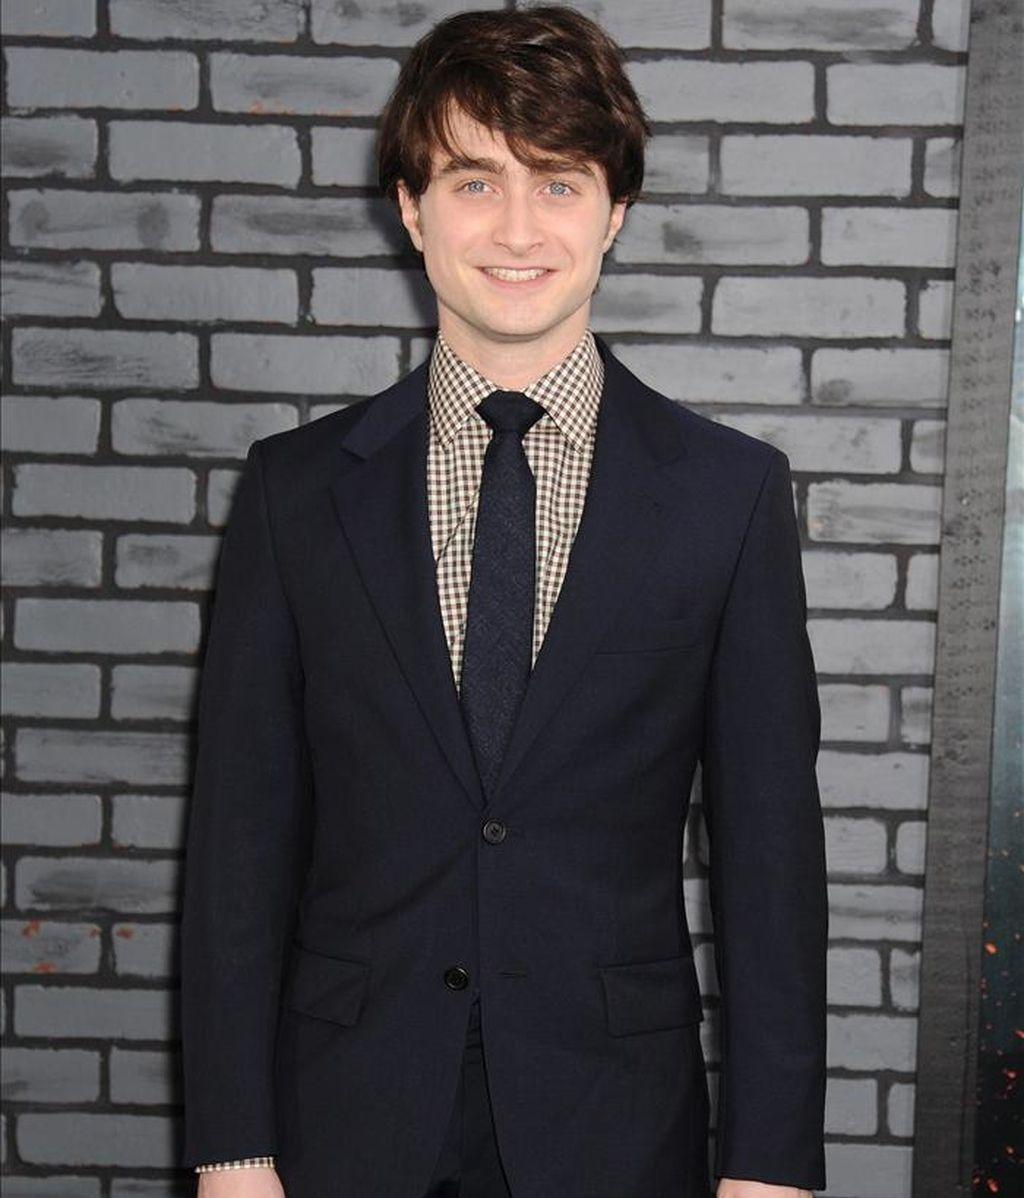 El actor británico Daniel Radcliffe, protagonista de Harry Potter. EFE/Archivo